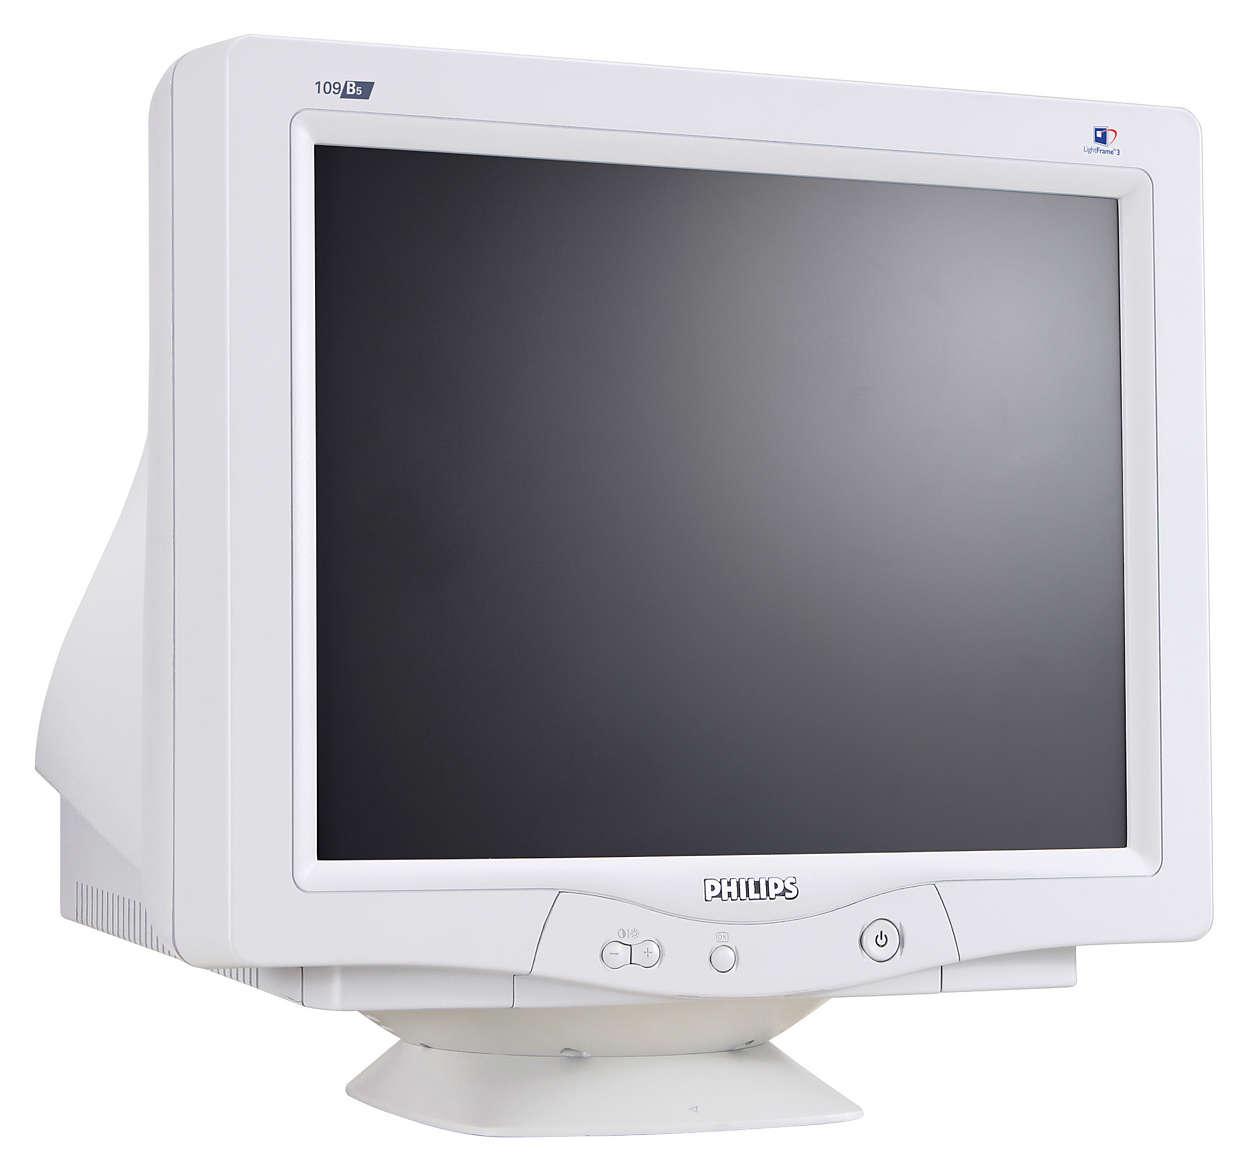 O monitor CRT ideal para a melhor diversão no computador